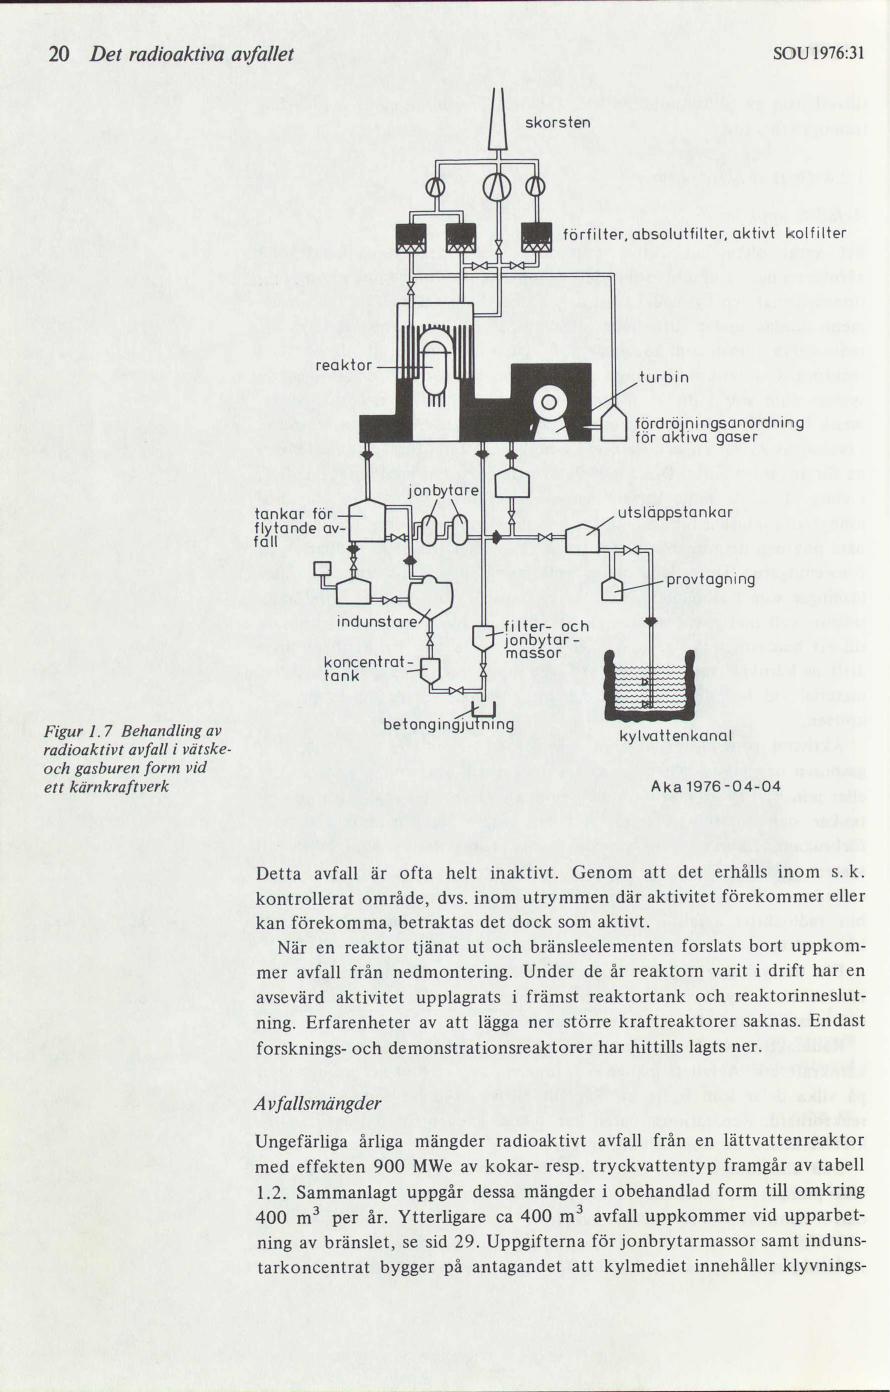 Ny ledning for gruva med radioaktivt avfall 3